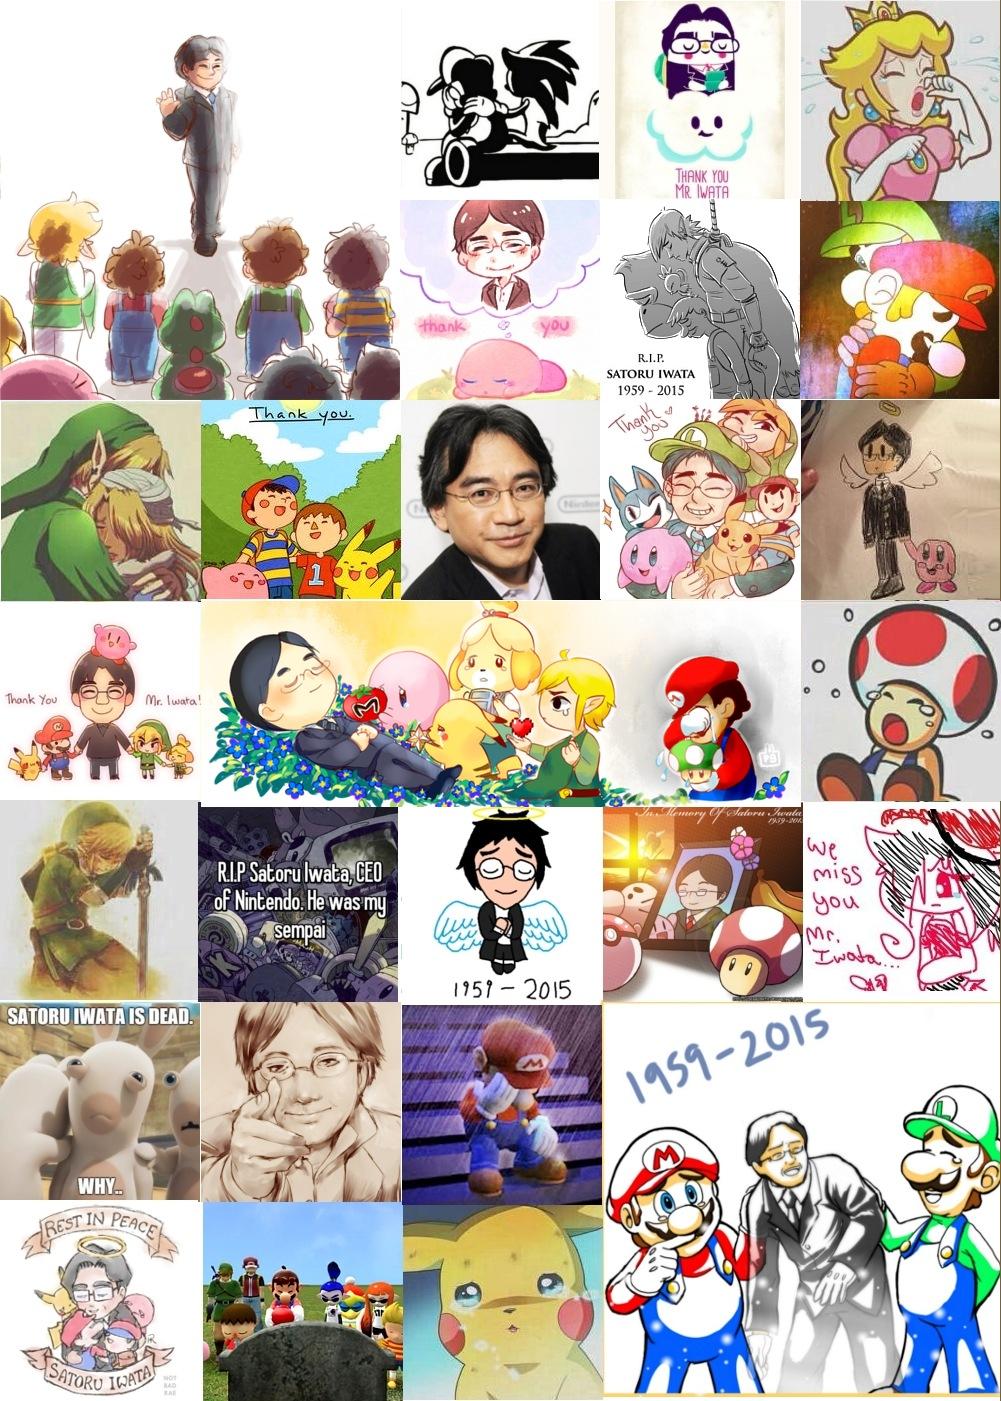 ただ今、世界中で任天堂岩田社長への感動的な追悼投稿が大量発生中 #satoruiwata #ThankYouIwata_b0007805_2151352.jpg